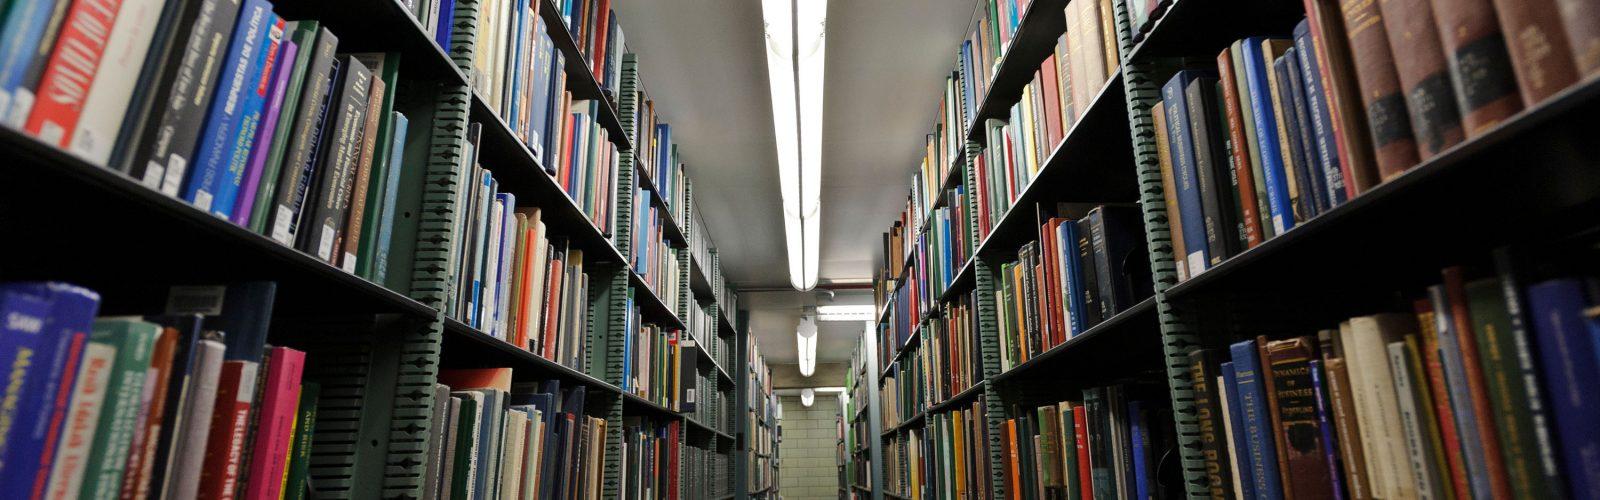 Memorial Library Stacks